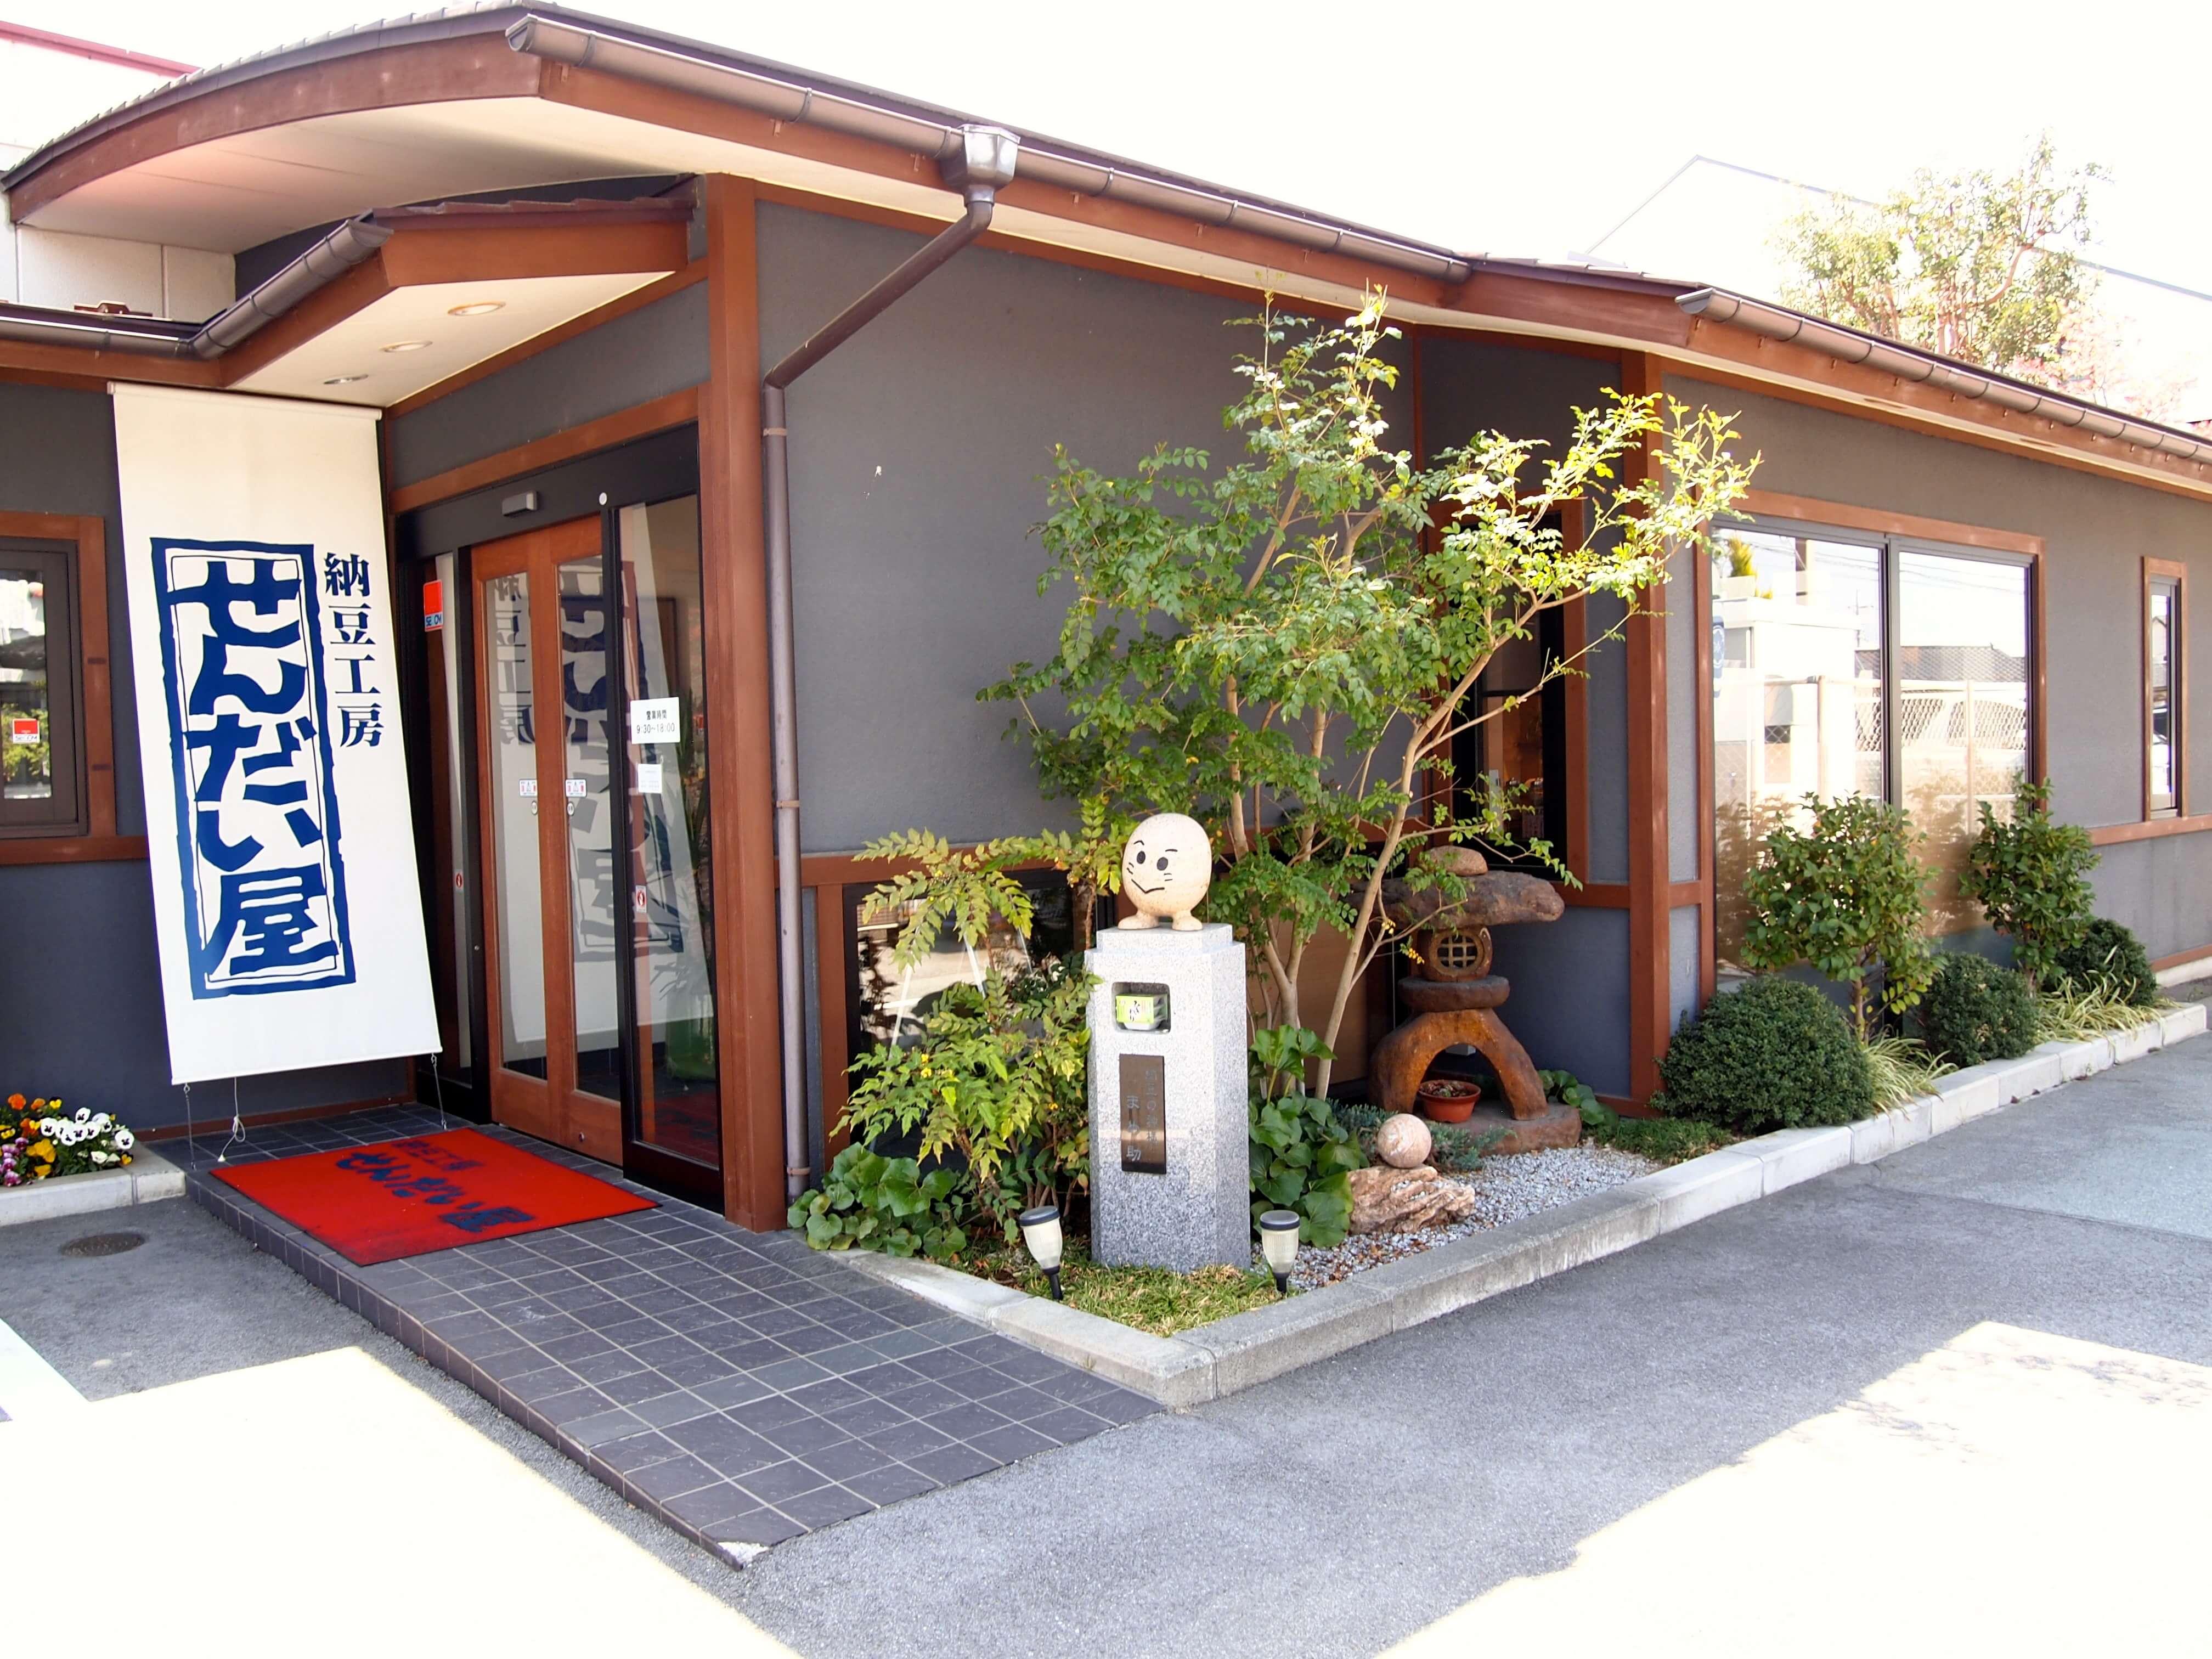 ユニークな納豆が目白押し!  日本の伝統的発酵食品「納豆」の楽しみ方を広げてくれる「納豆工房せんだい屋」